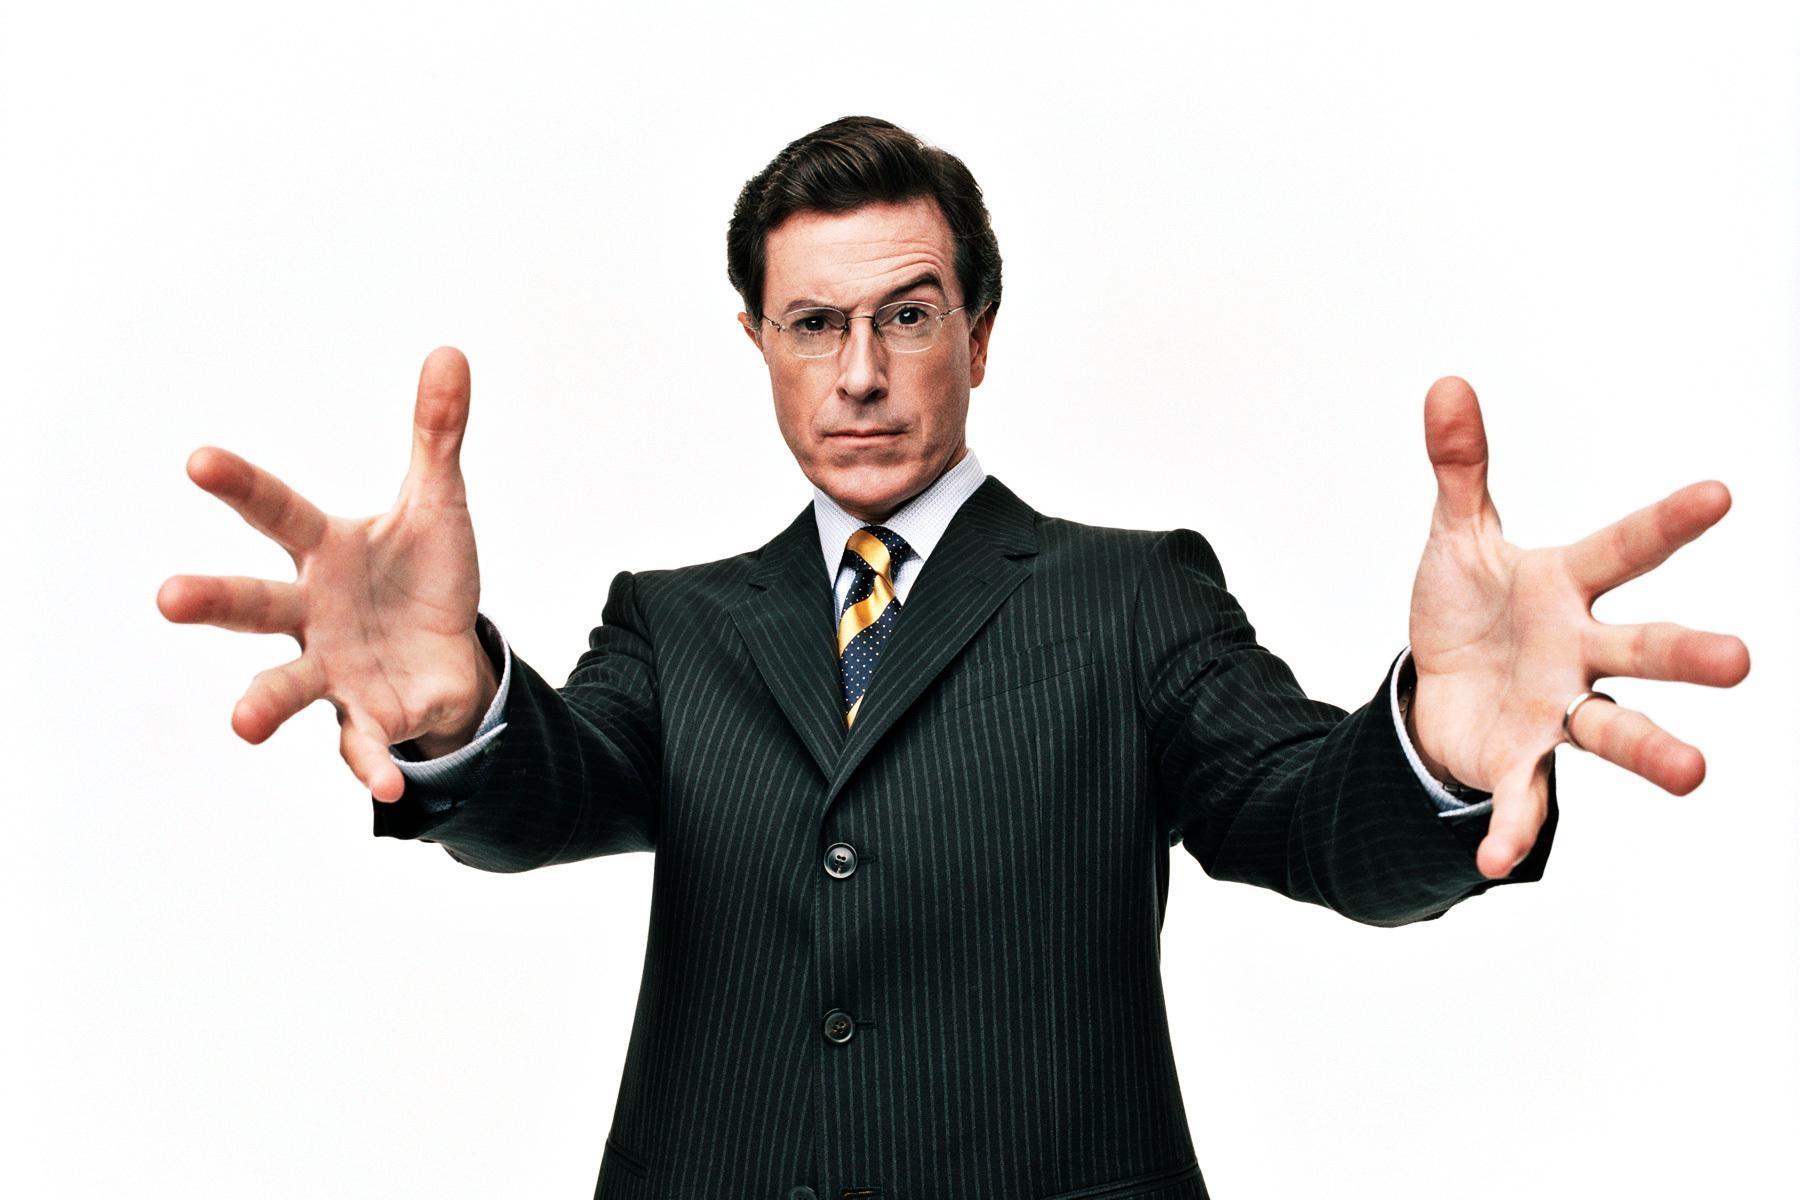 купить двухъярусную картинка мужские руки смешные этом году был